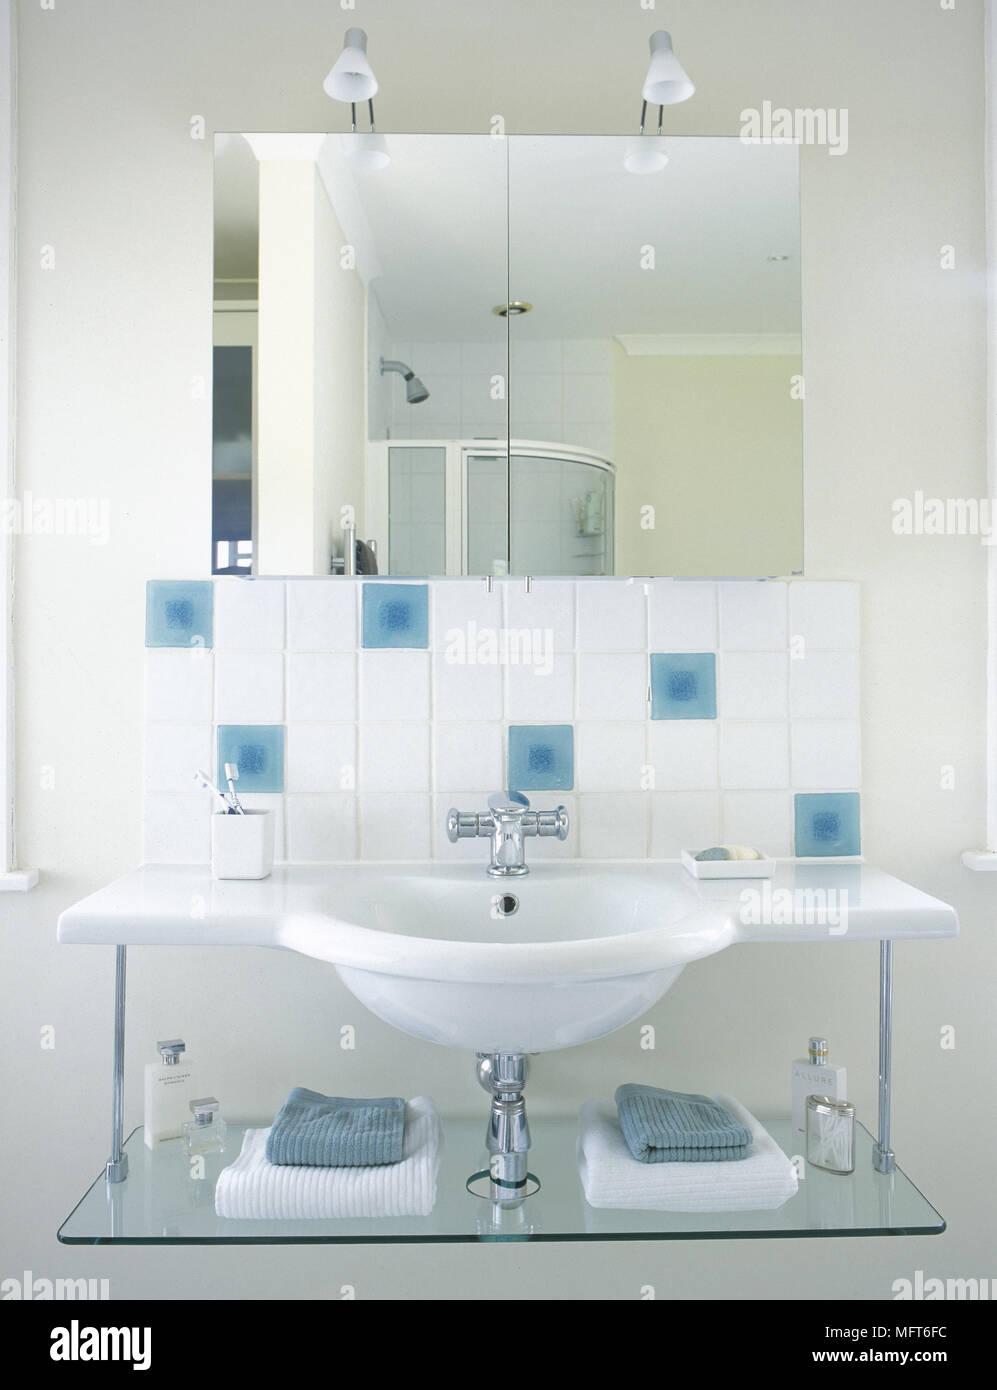 Gefliestes Badezimmer Mit Waschbecken, Glas Regal An Der Wand, Dekorative  Fliesen Montiert, Und Einen Spiegel.